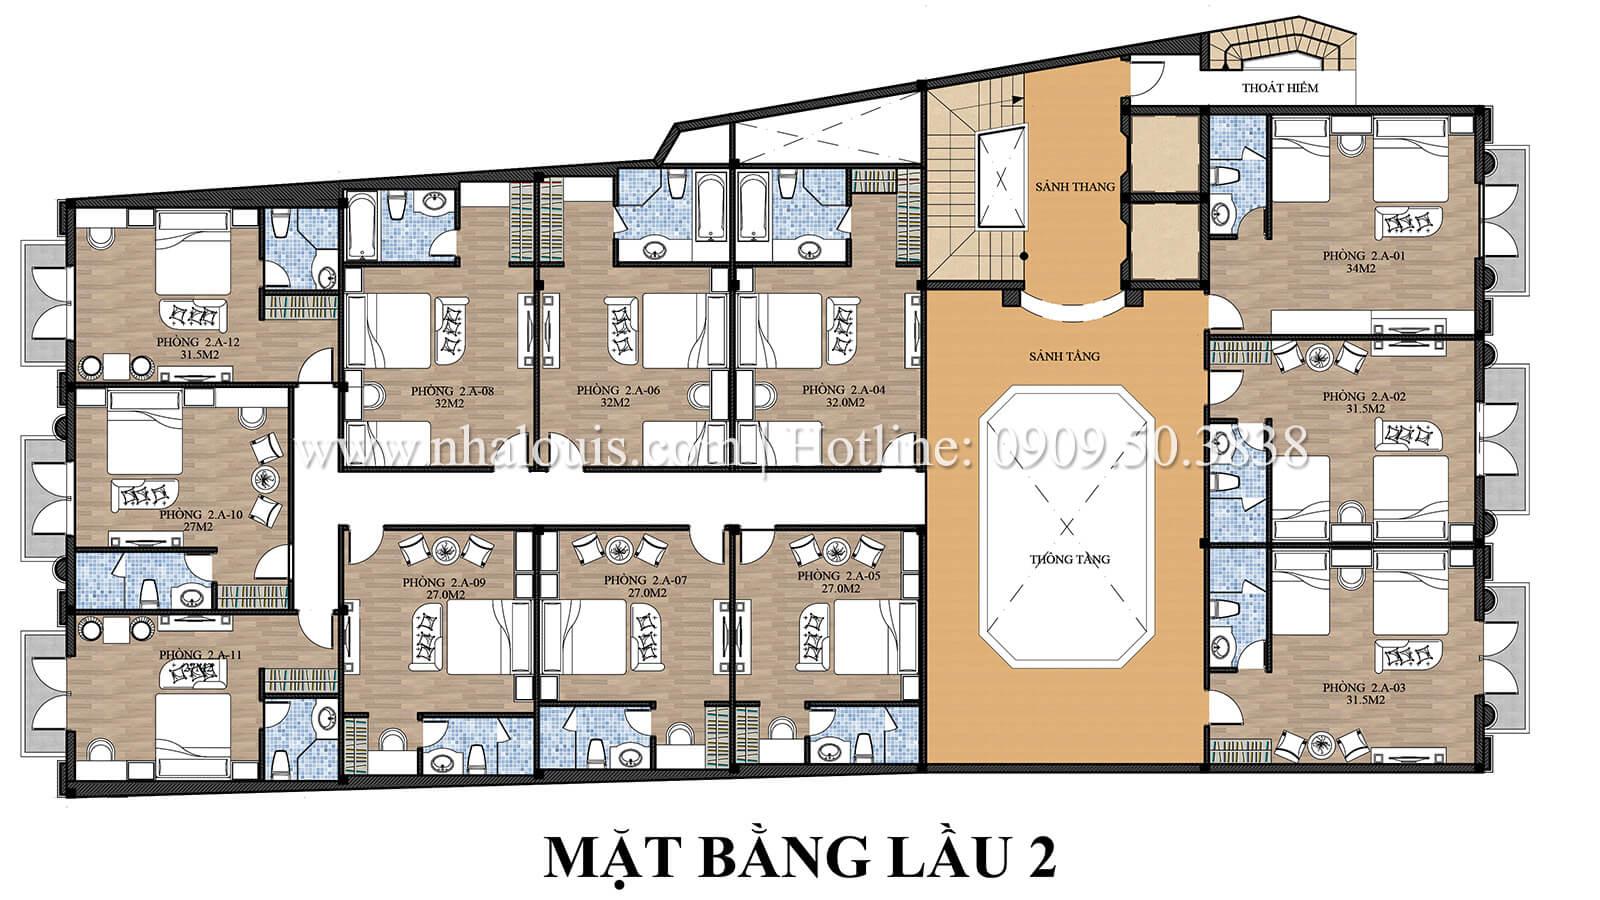 Mặt bằng lầu 2 thiêt kế khách sạn cổ điển kết hợp kinh doanh cafe tại an giang